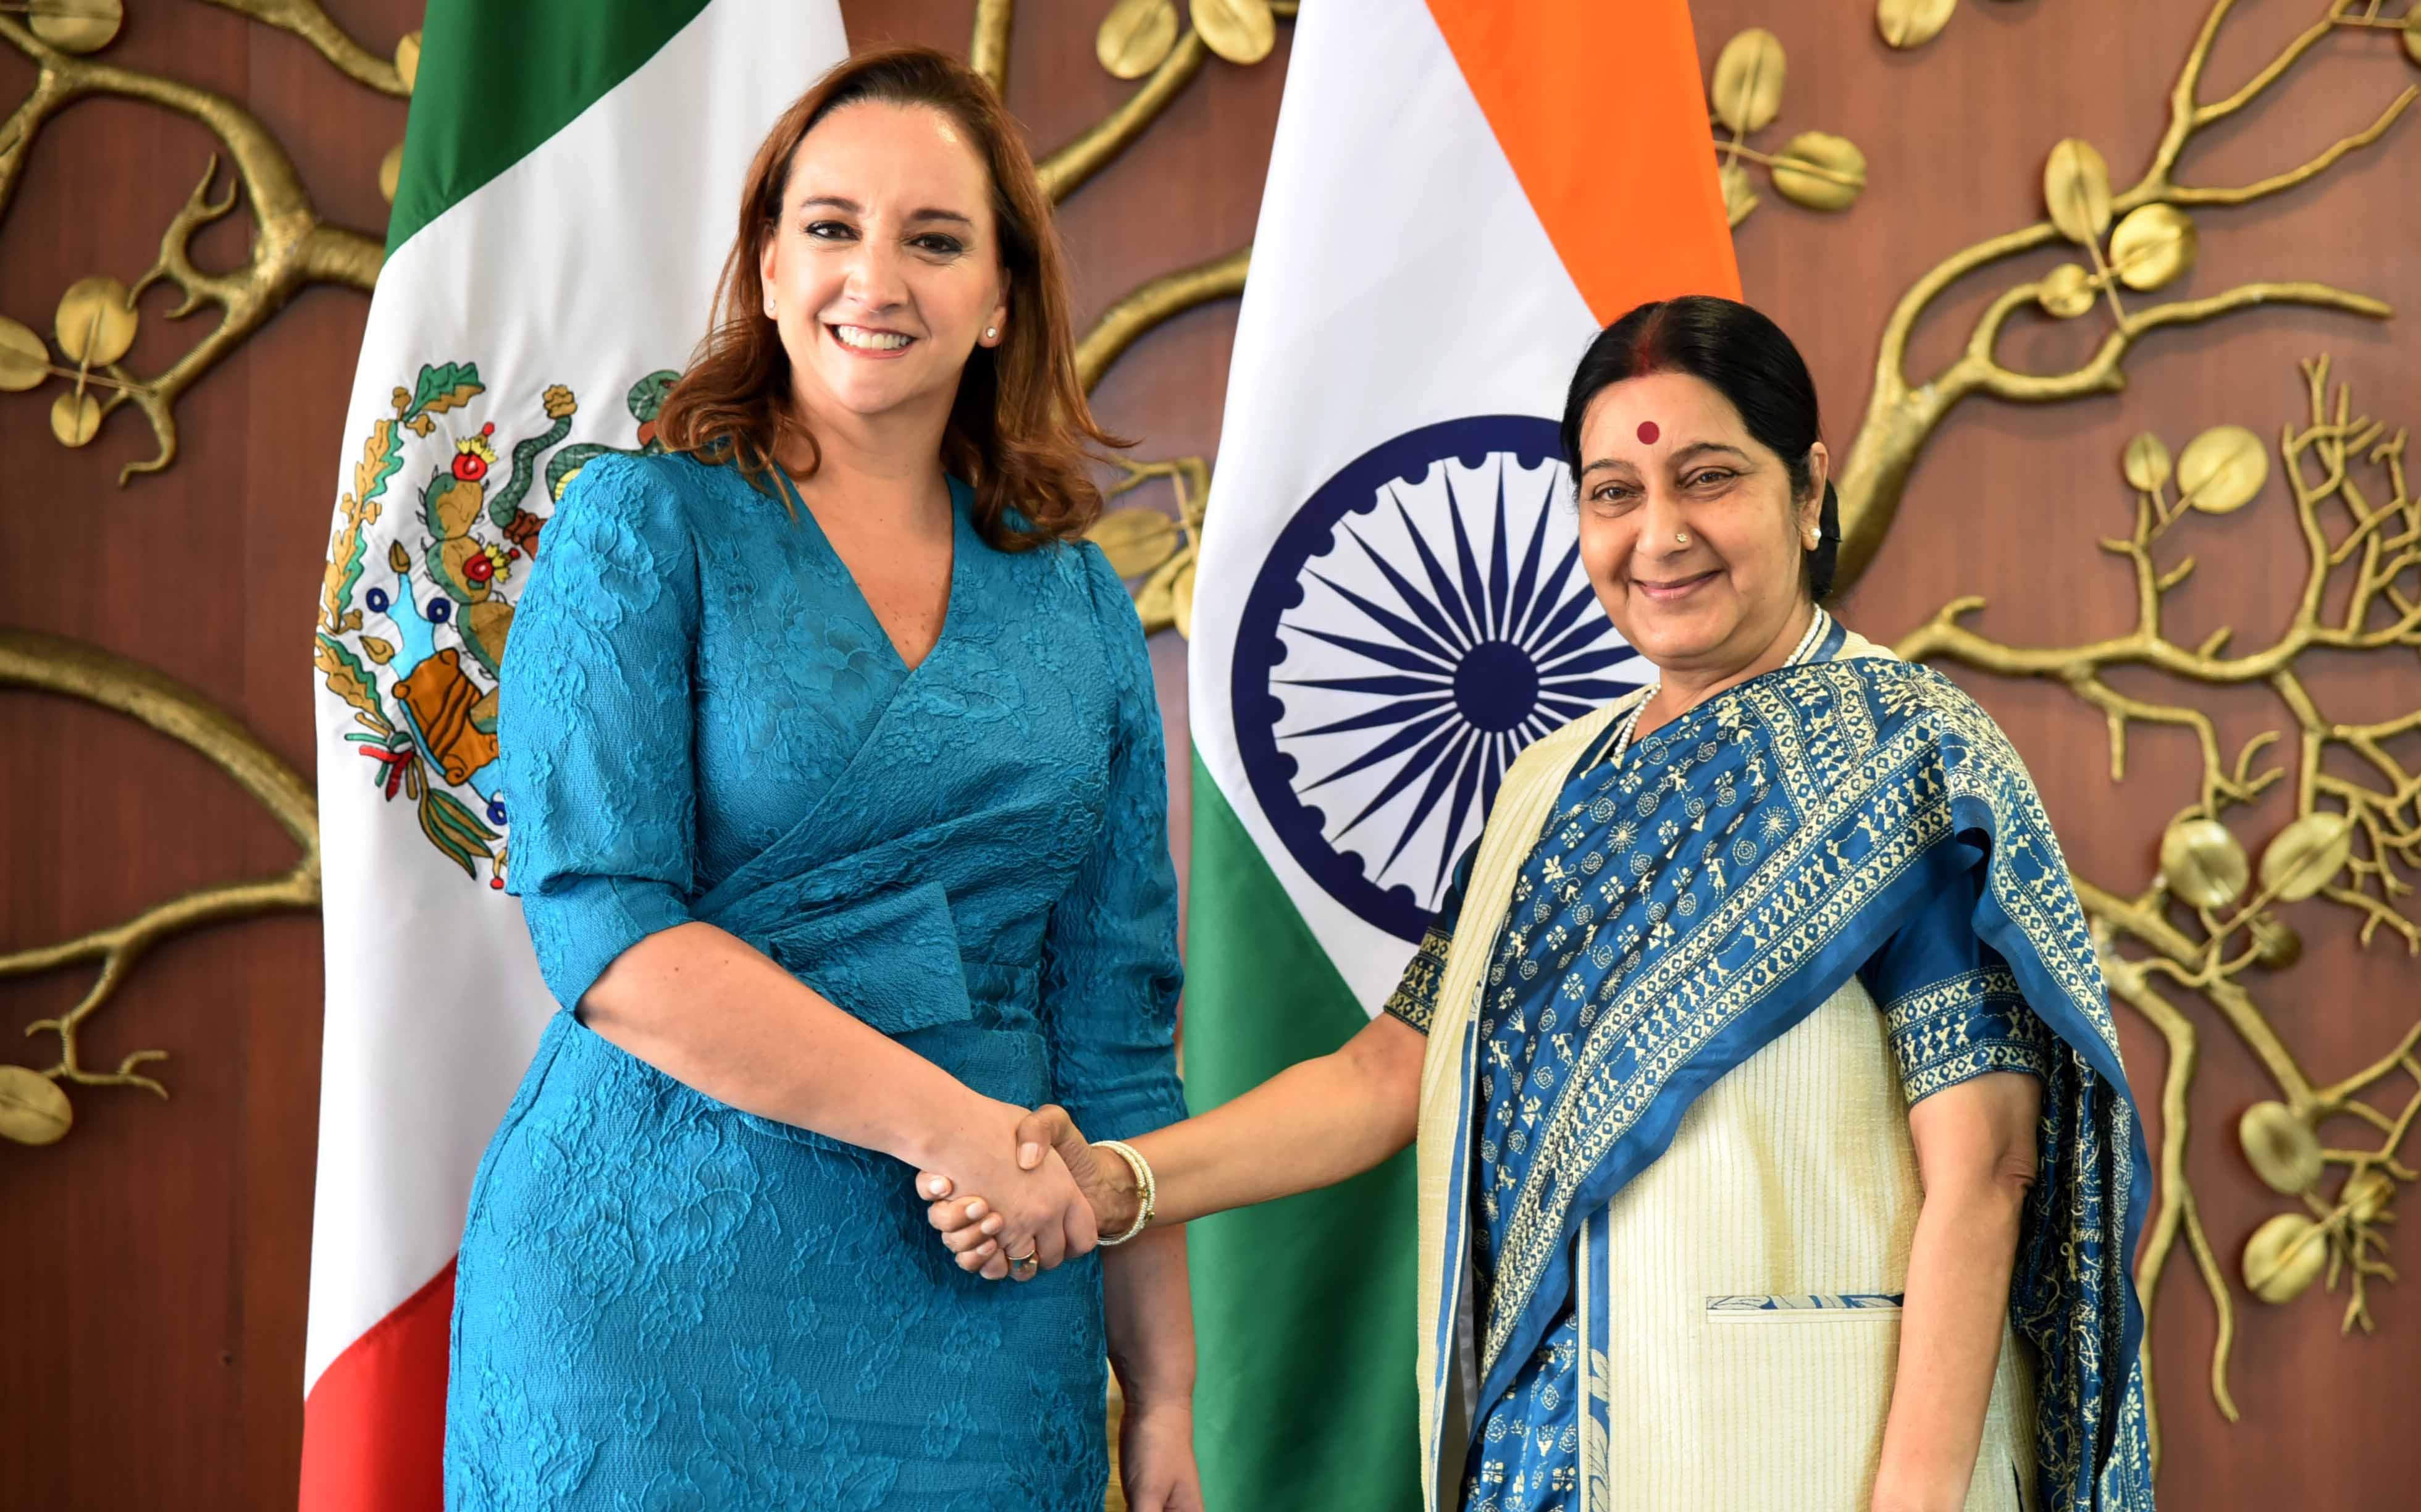 Reunión de la Canciller Claudia Ruiz Massieu con la Ministra de Relaciones Exteriores de India, Sushma Swaraj